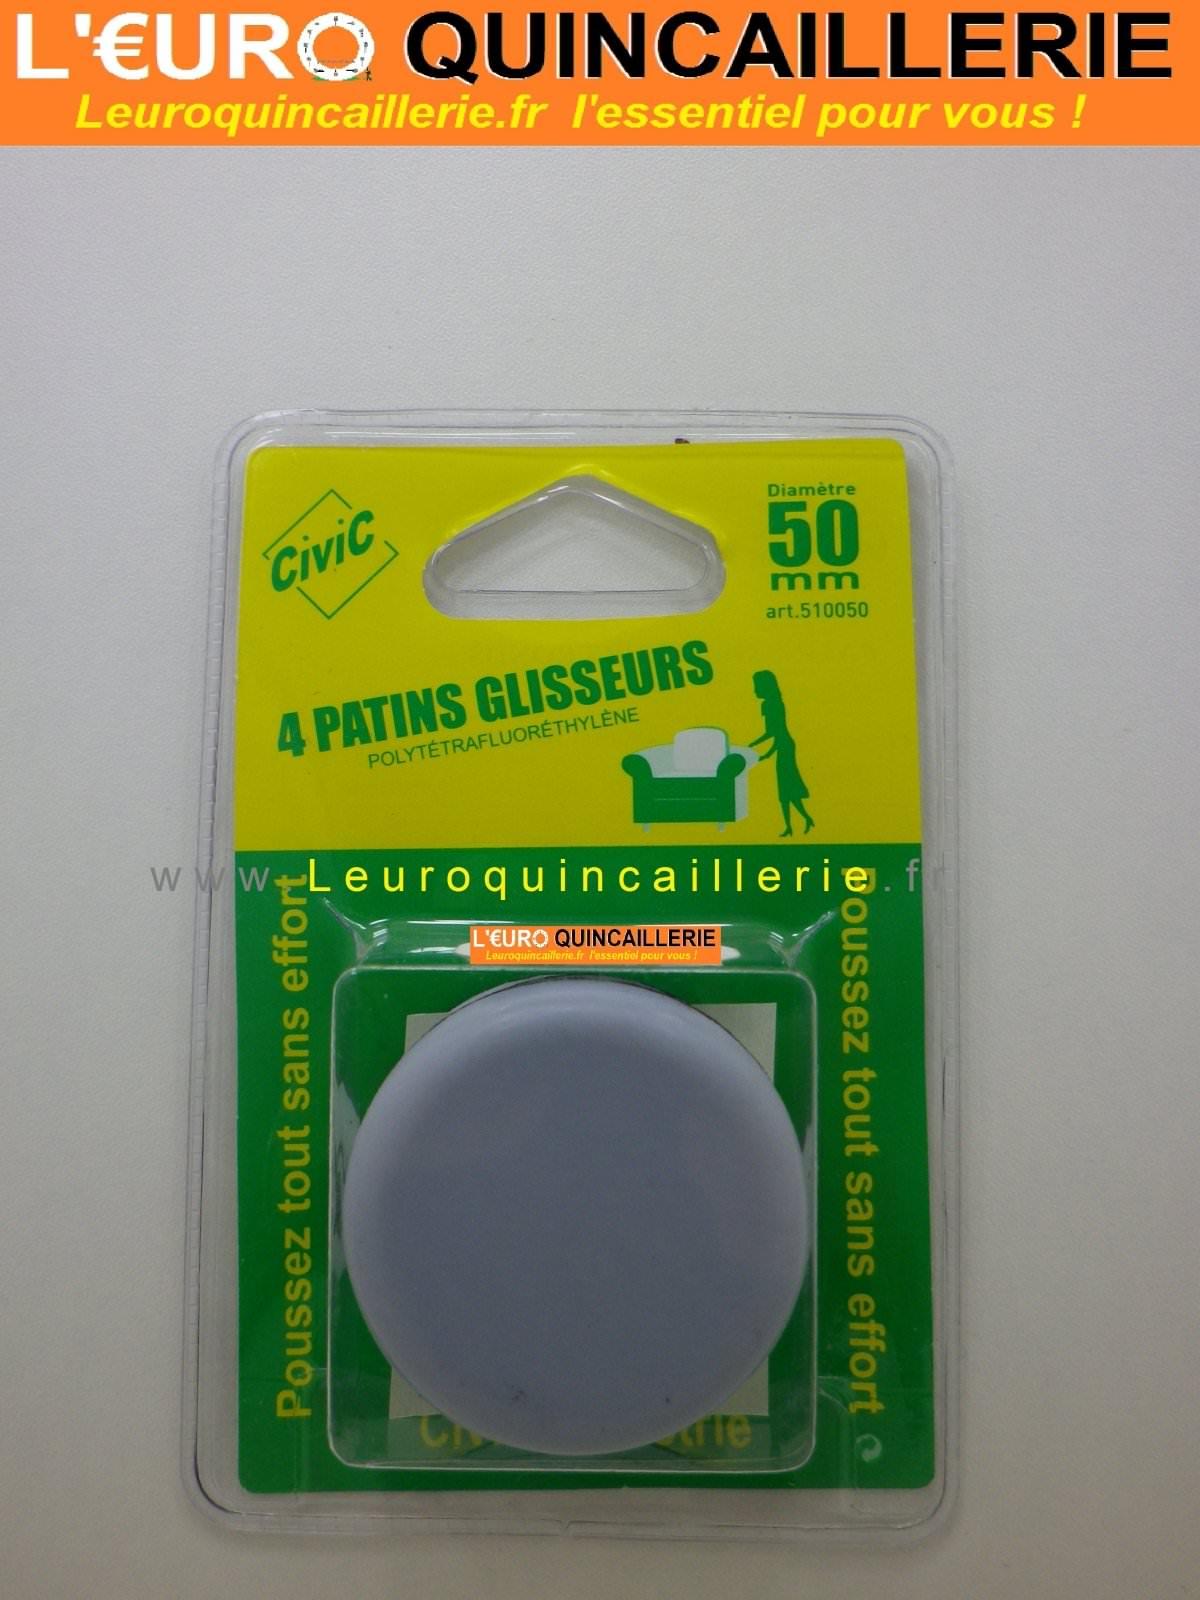 Patins glisseurs téflon rond 50mm